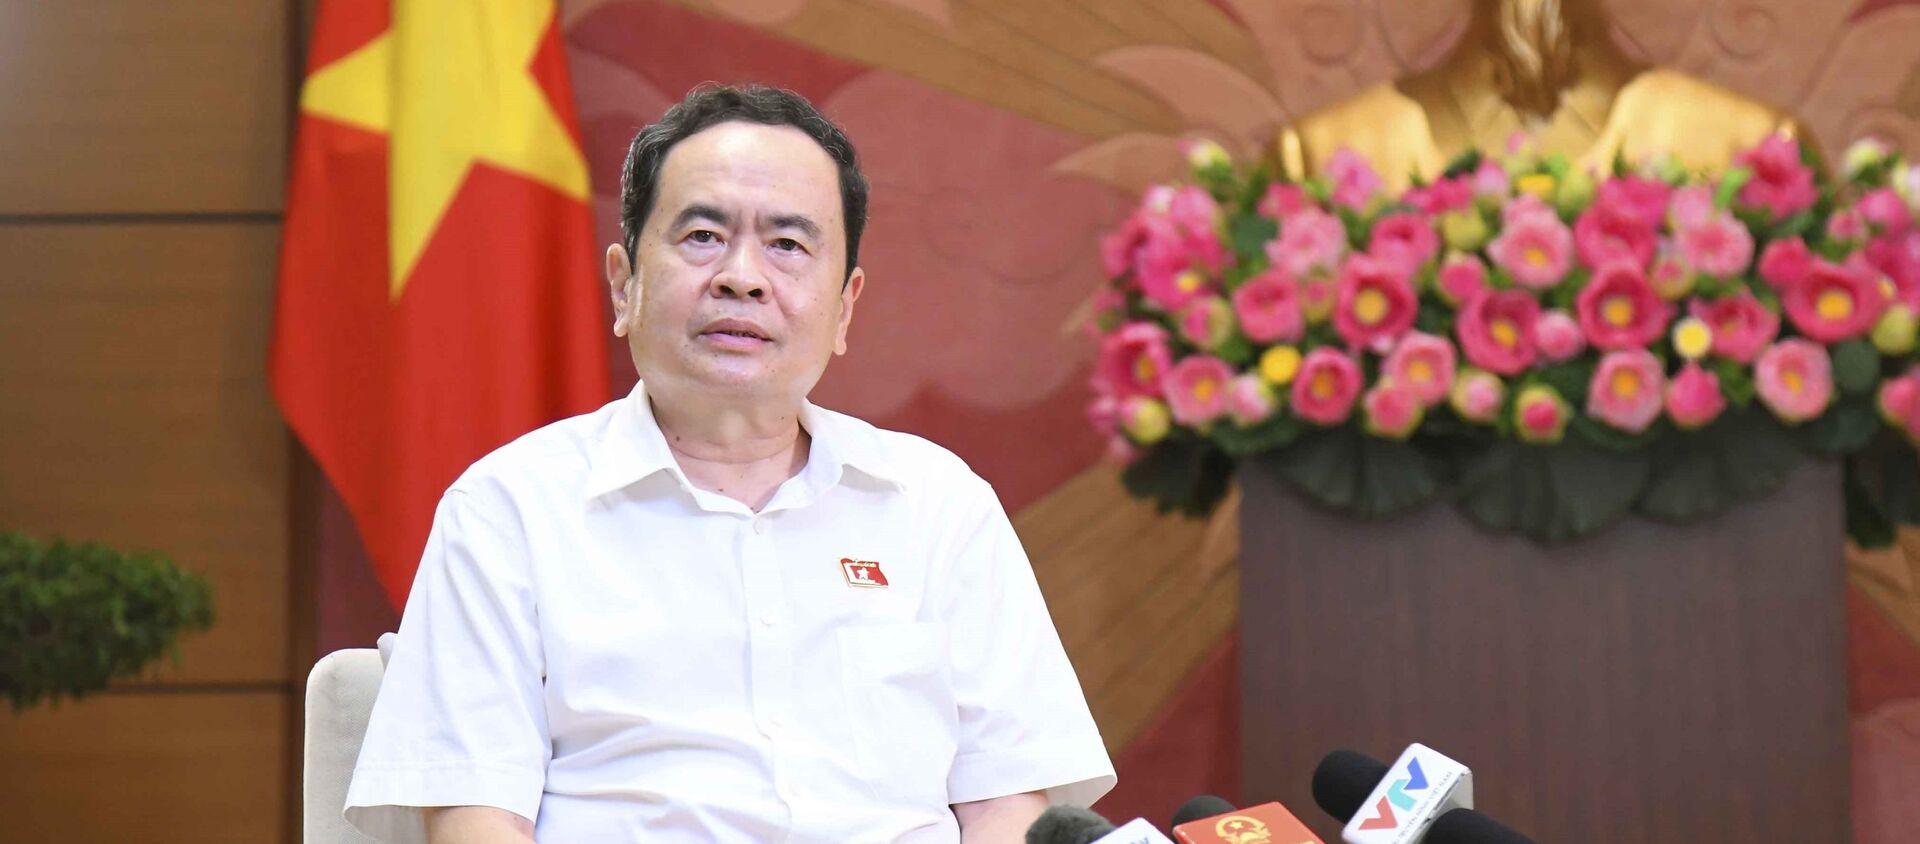 Phó Chủ tịch Thường trực Quốc hội Trần Thanh Mẫn trả lời phỏng vấn báo chí. - Sputnik Việt Nam, 1920, 20.08.2021